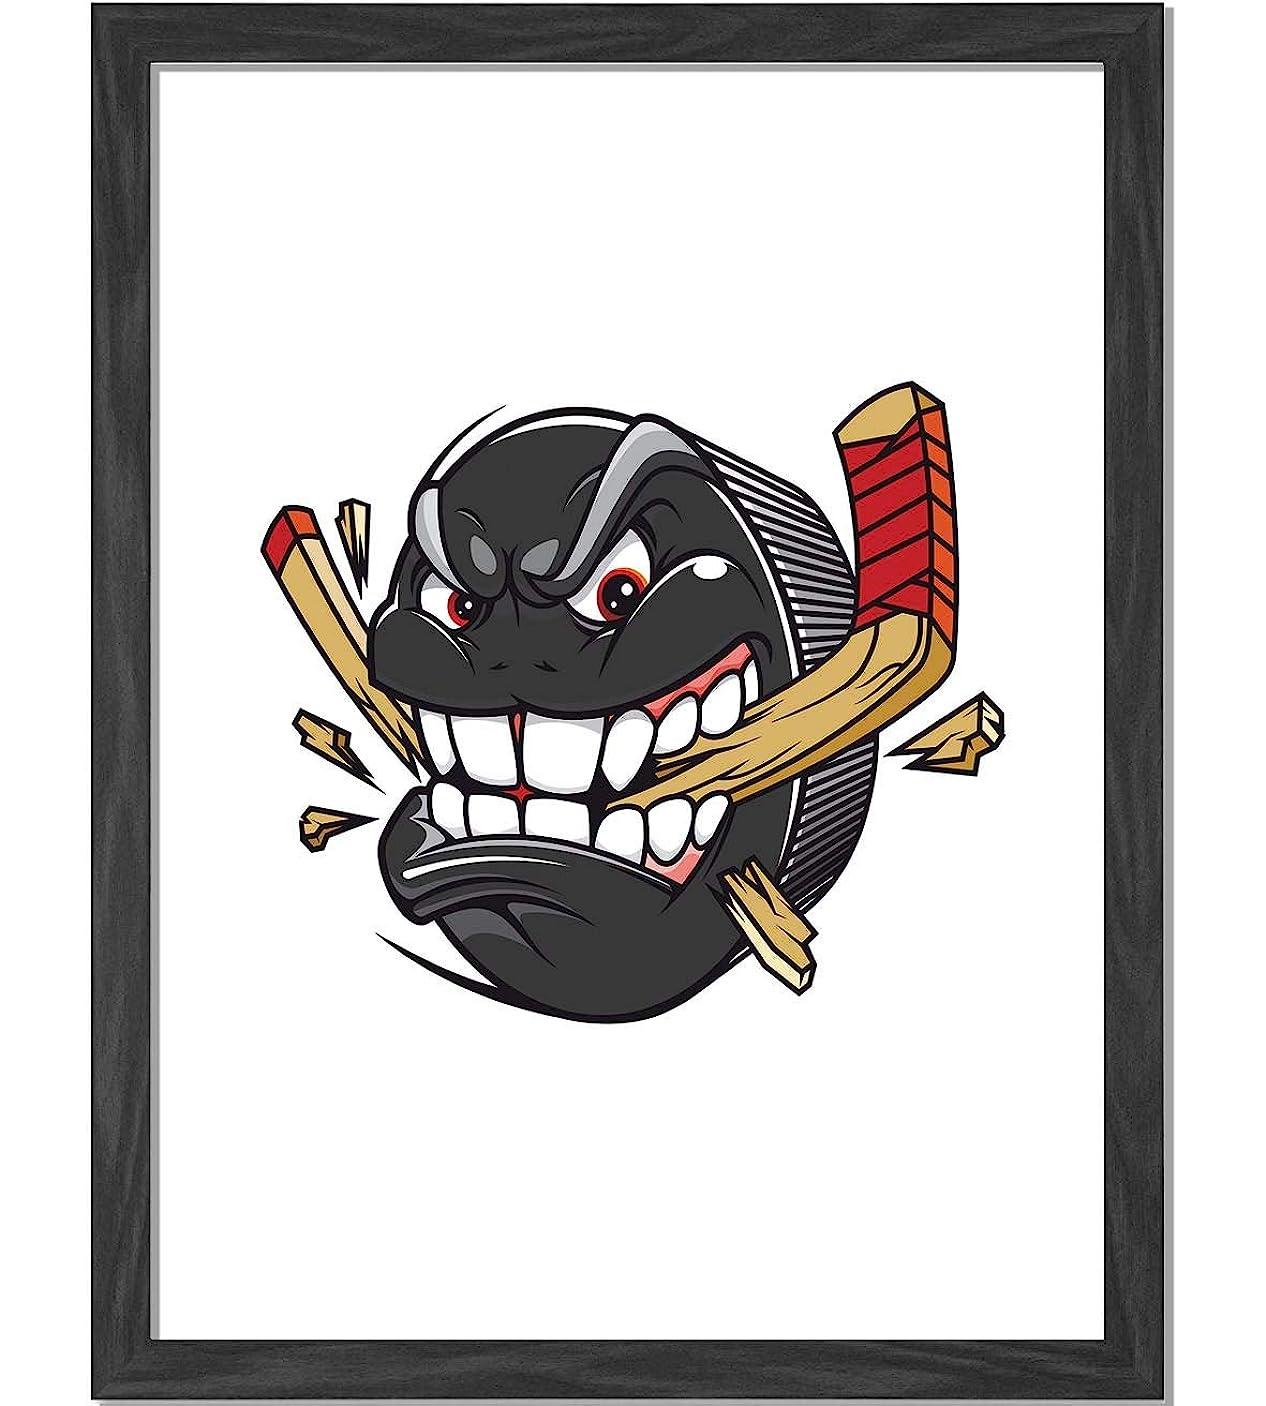 遠い小麦賛辞漫画ホッケーパック刺されと休憩ホッケースティック選手権ゲームマスコットキャラクター多色高品質額入りアートプリントウォールアート14x11in